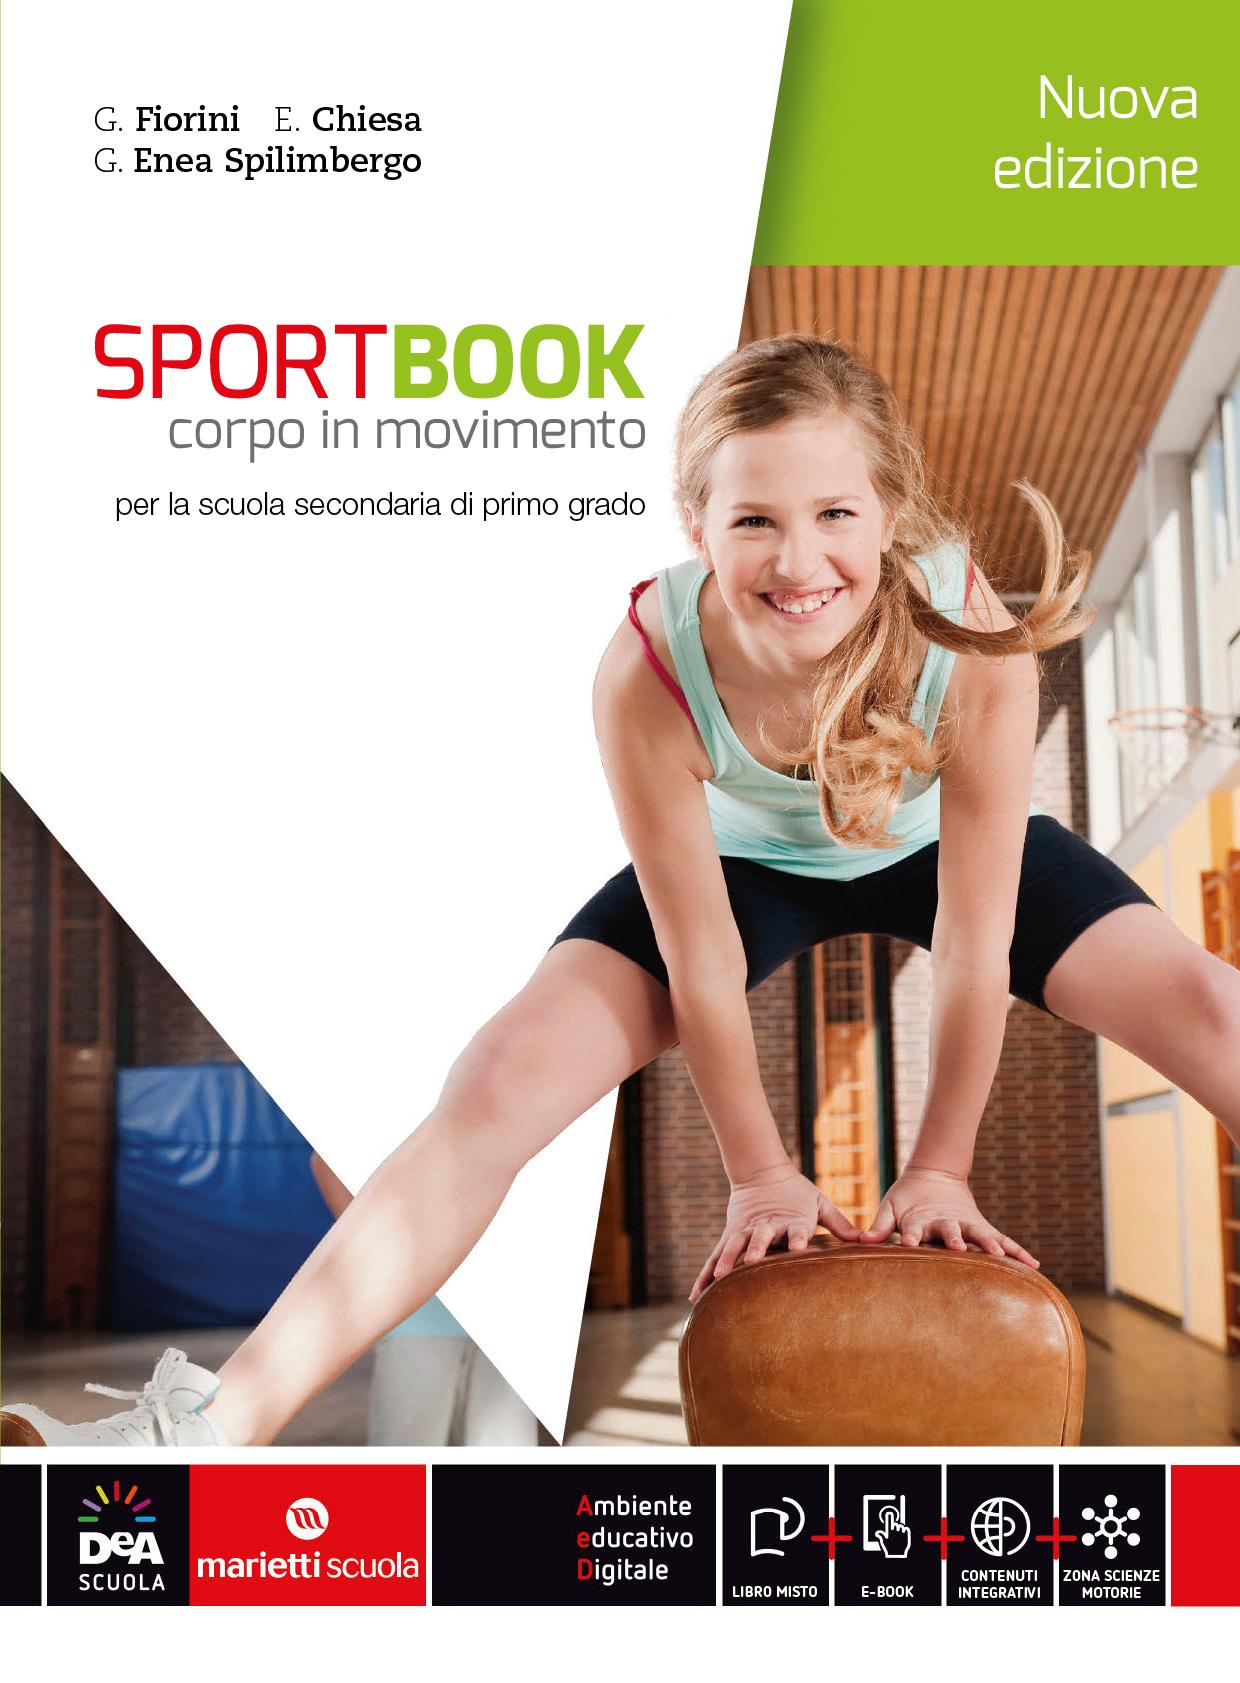 Sportbook Nuova Edizione Dea Scuola